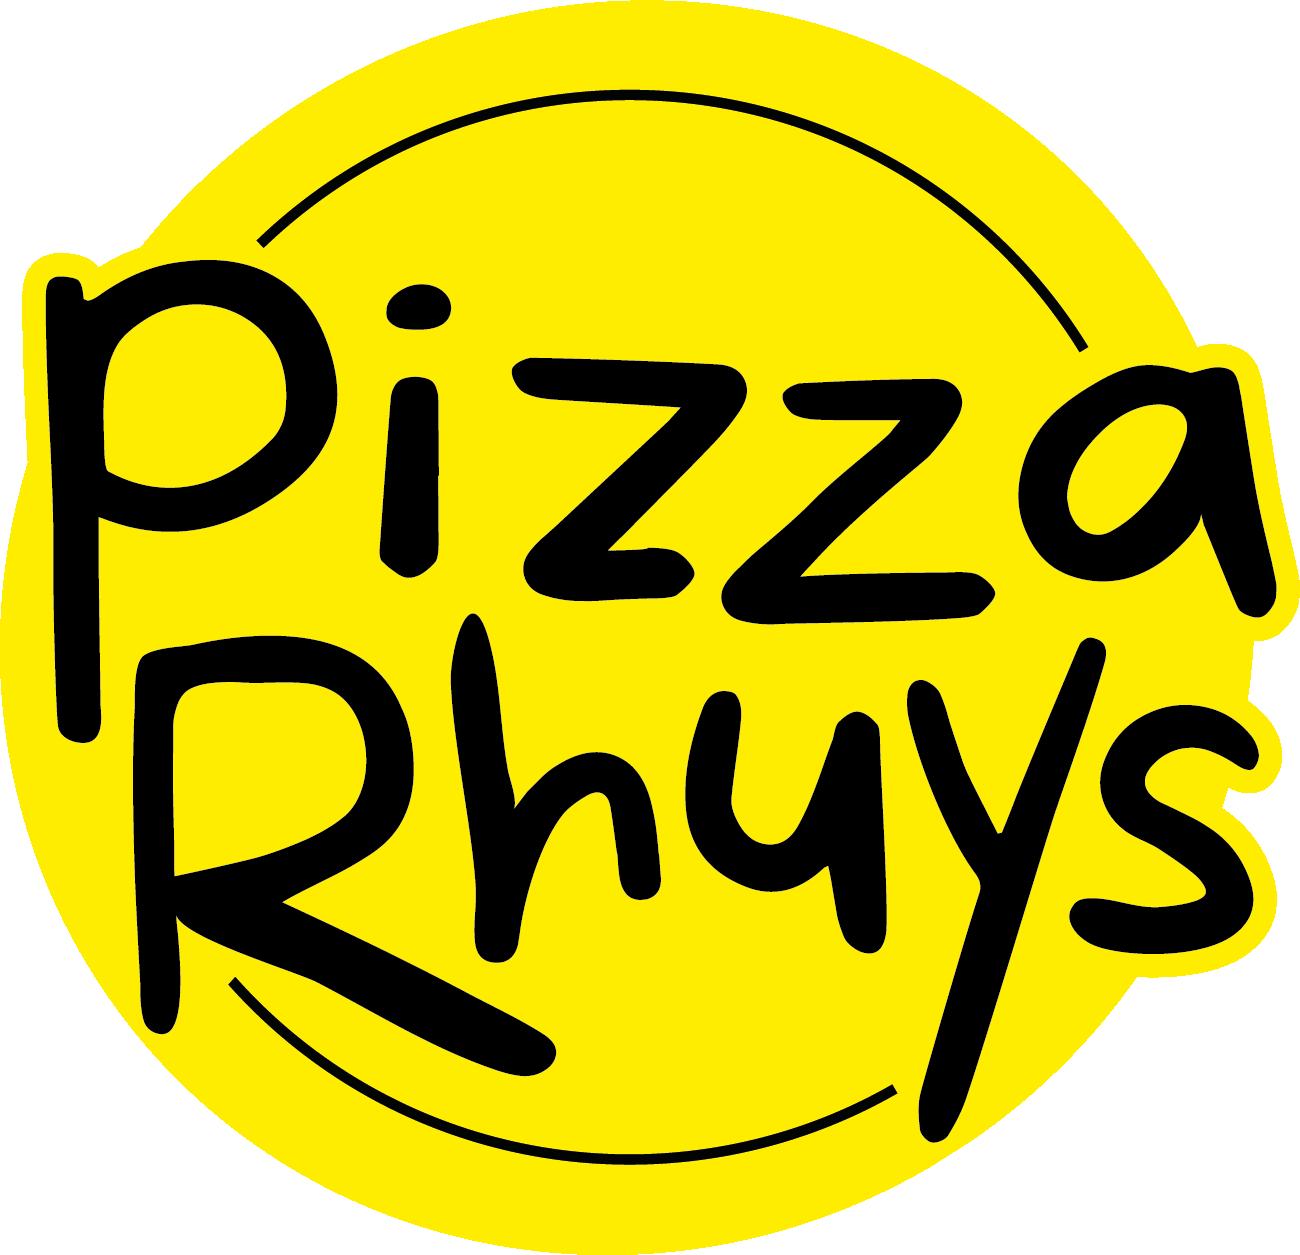 Pizza Rhuys - Pizzas à emporter Presqu'ile de Rhuys Vannes Séné Sarzeau Theix Surzur Arzon Saint Gildas